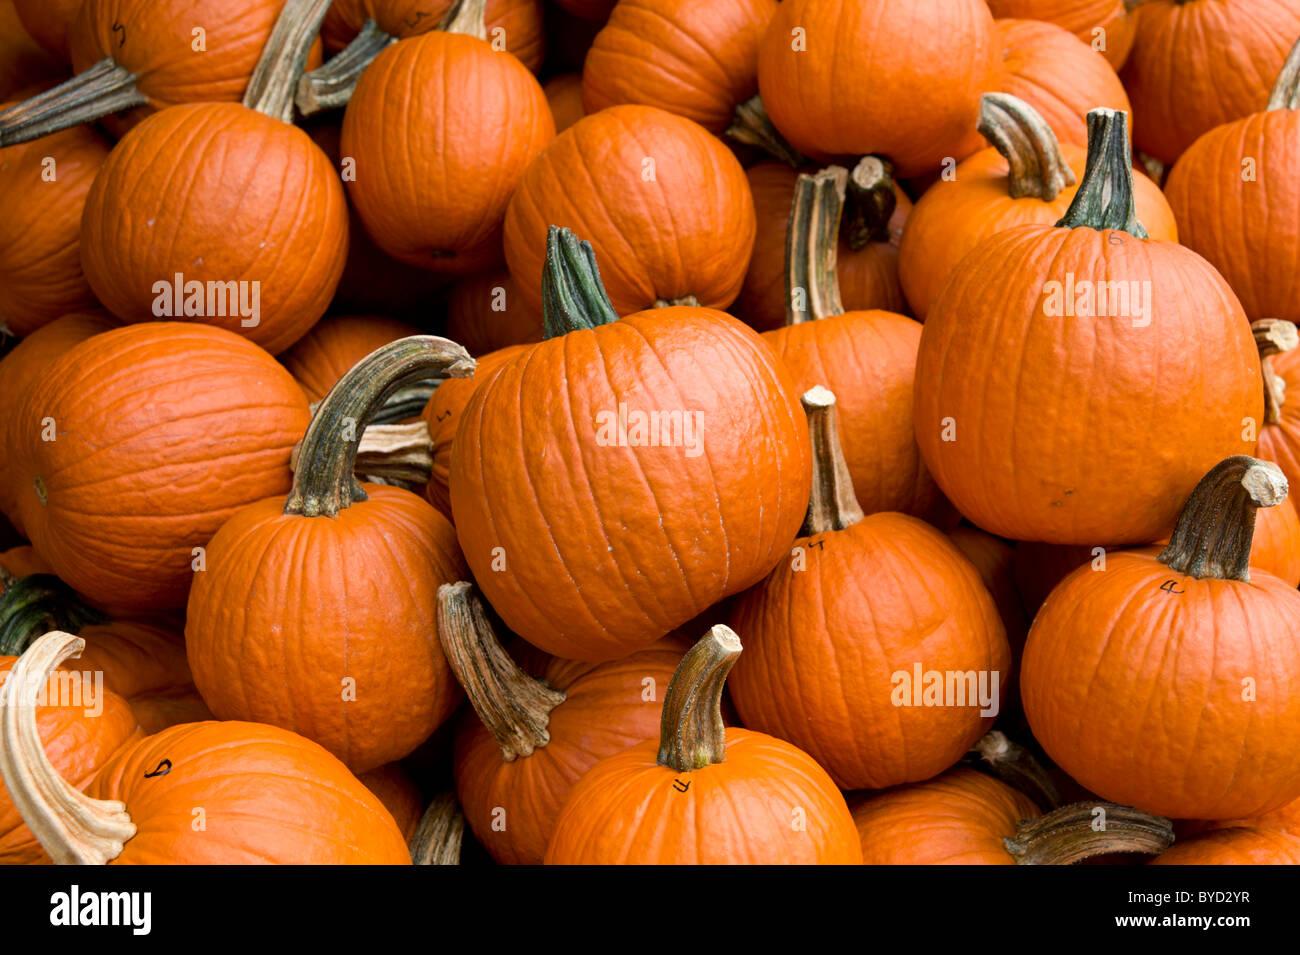 Pumpkins, USA - Stock Image